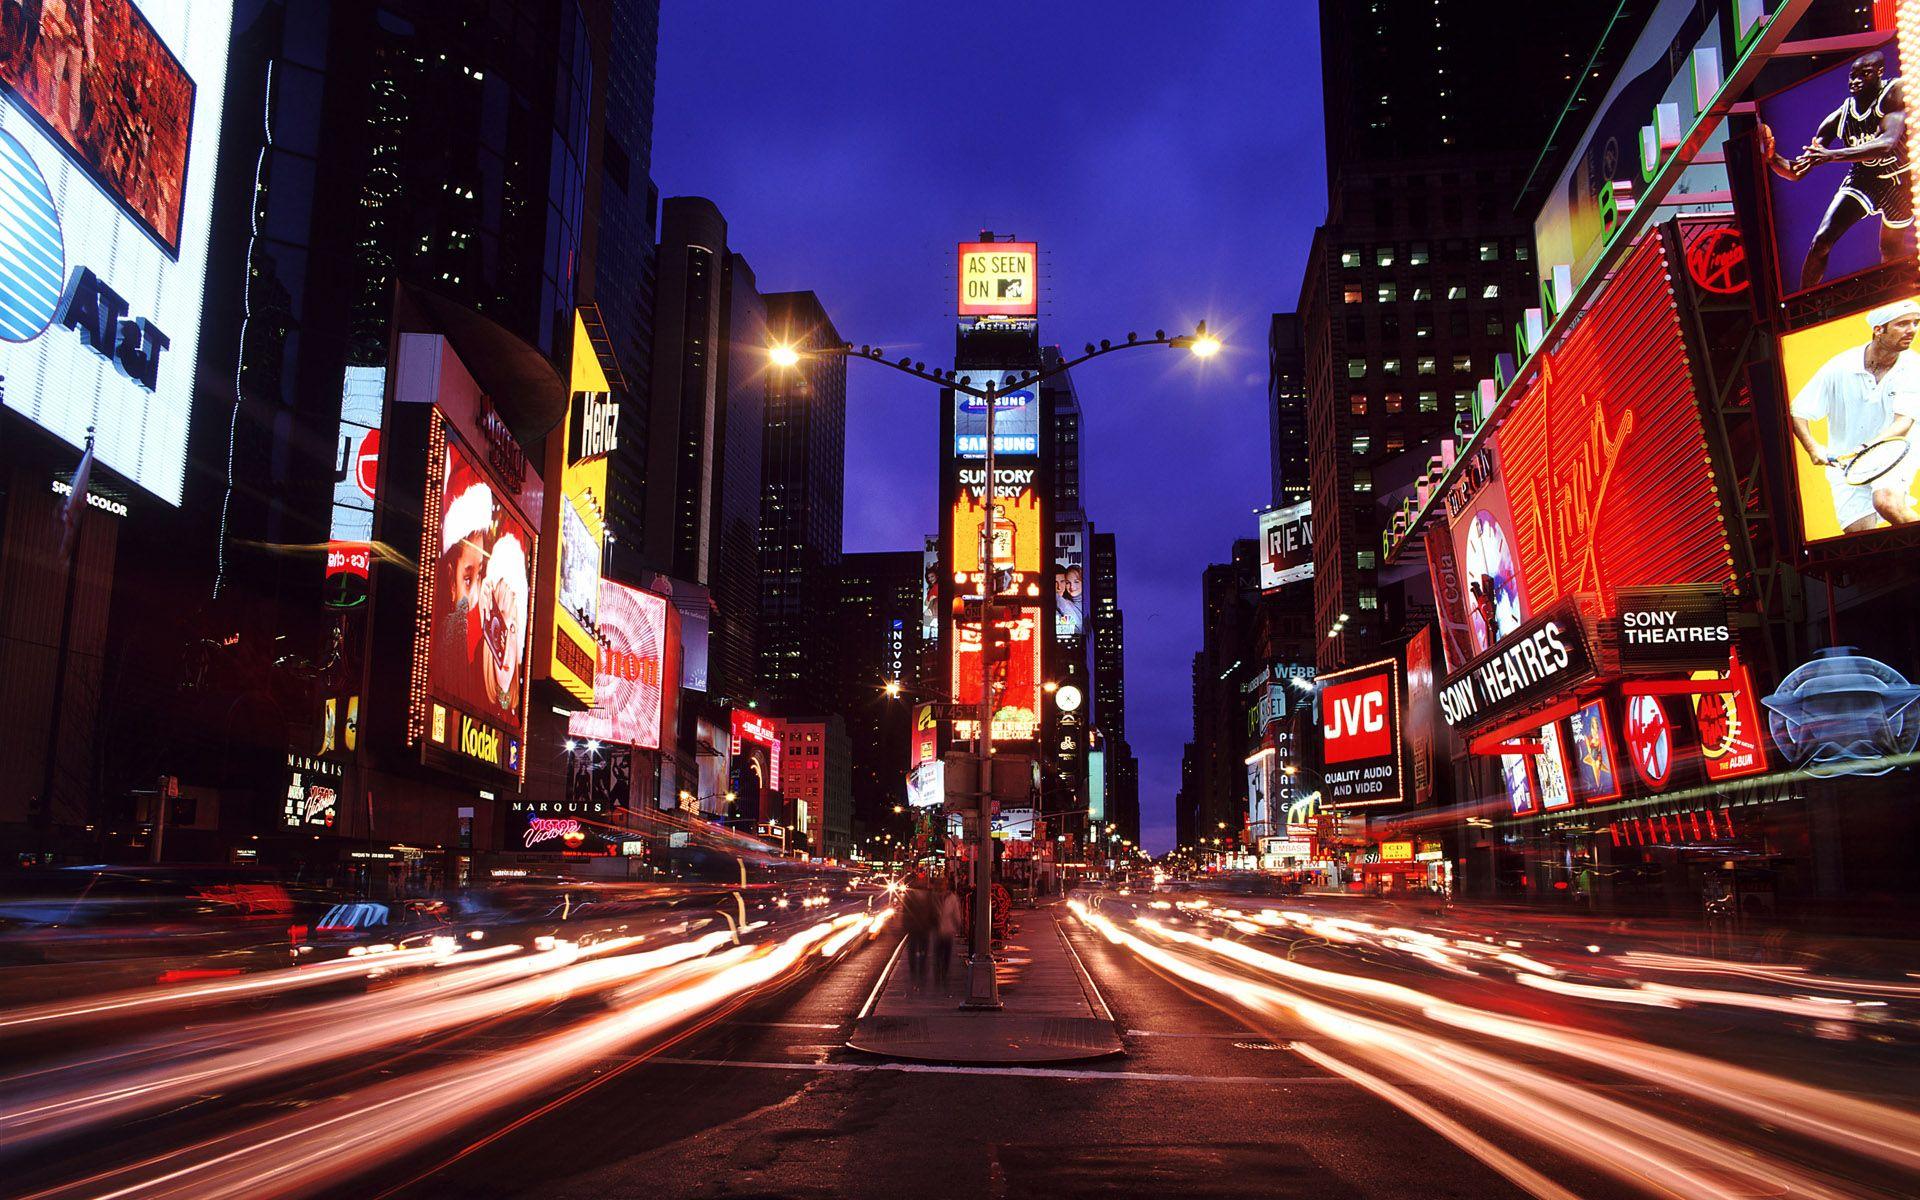 4k New York Street Wallpaper Travel Wallpaper Lock Screen Wallpaper Iphone Cool Lock Screen Wallpaper